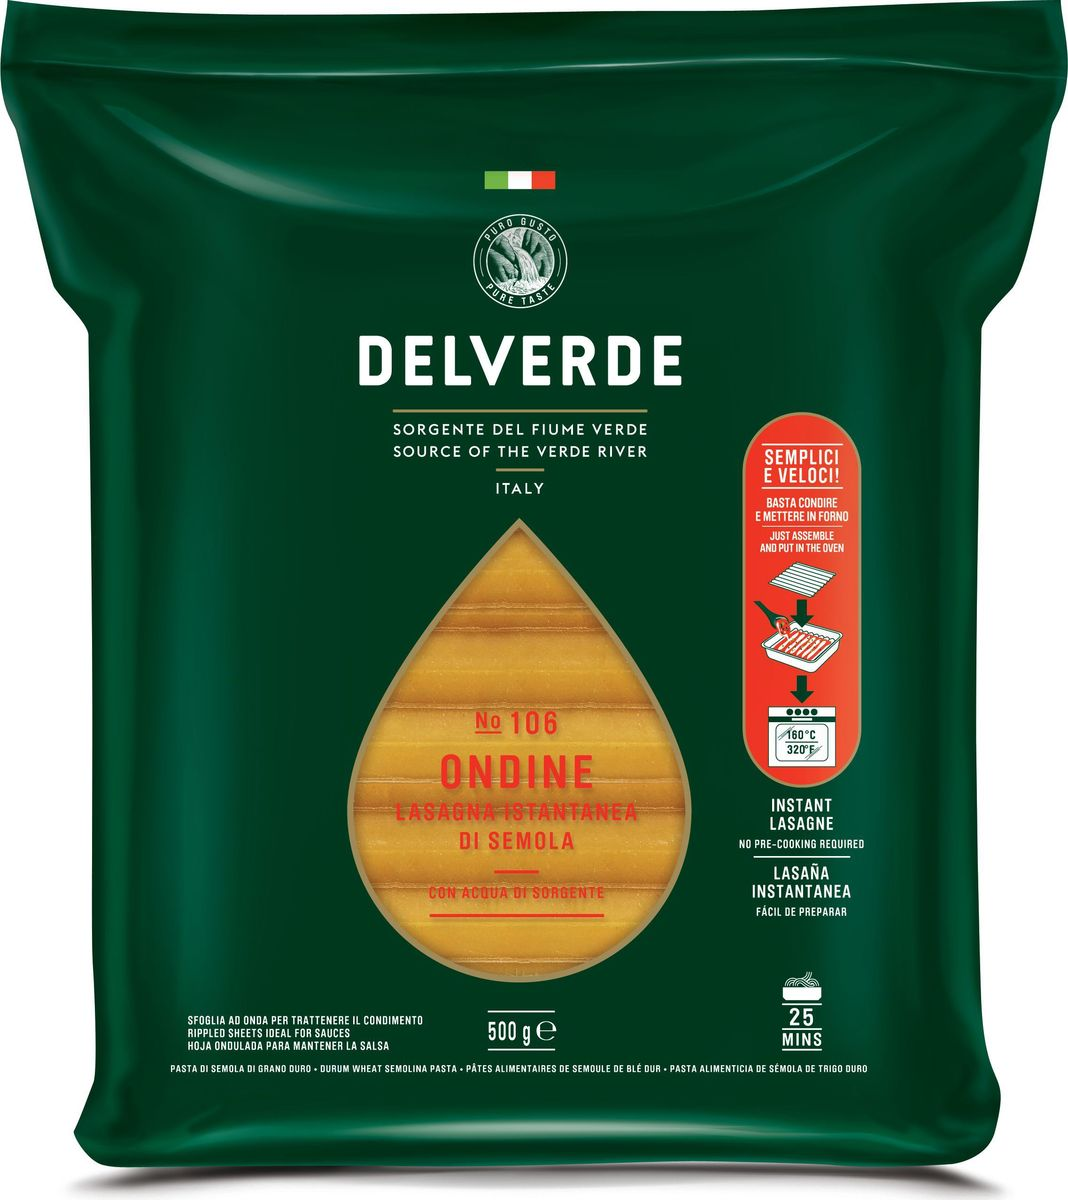 Delverde № 106 паста Ондине, 500 г6789Лазанья отлично сочетается с рагу по-неаполитански с сыром рикотта или с соусом из дичи.Рекомендуемый способ приготовления - запекание в духовке, с различным составом начинки и соусом Бешамель. Этот способ настолько признан по всей Италии, что принял название формы этой пасты. Способ приготовления: Продукт предварительно отварен, готов для приготовления лазаньи. Перед запеканием поместить в горячую воду на несколько минут. После чего поместите первый лист в форму и нанесите желаемую начинку. Вторую пластину положите перпендикулярно первой, так чтобы волны пересеклись под углом 90 градусов. Продолжайте накладывать друг на друга пластины почти до полного заполнения формы. В конце добавьте немного бульона или воды из-под пасты, чтобы добавить блюду влажности в процессе приготовления. Закройте форму фольгой и выпекайте в духовке в течение 25 минут при температуре 160°C. За 10 минут до окончания выпекания удалите слой фольги, чтобы верхний слой стал золотистым.